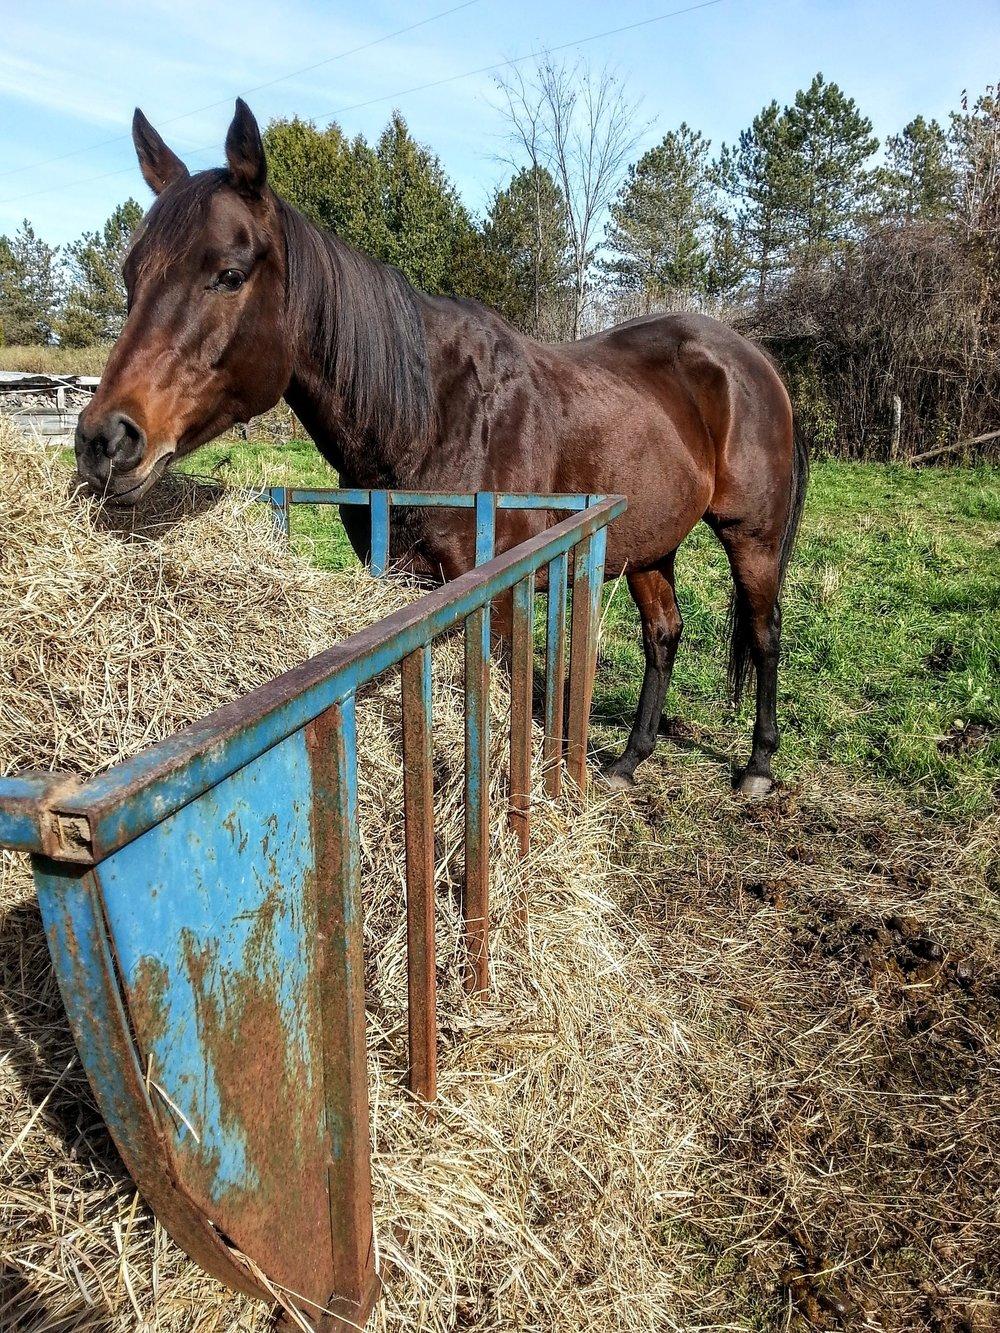 horses-1348287_1920.jpg